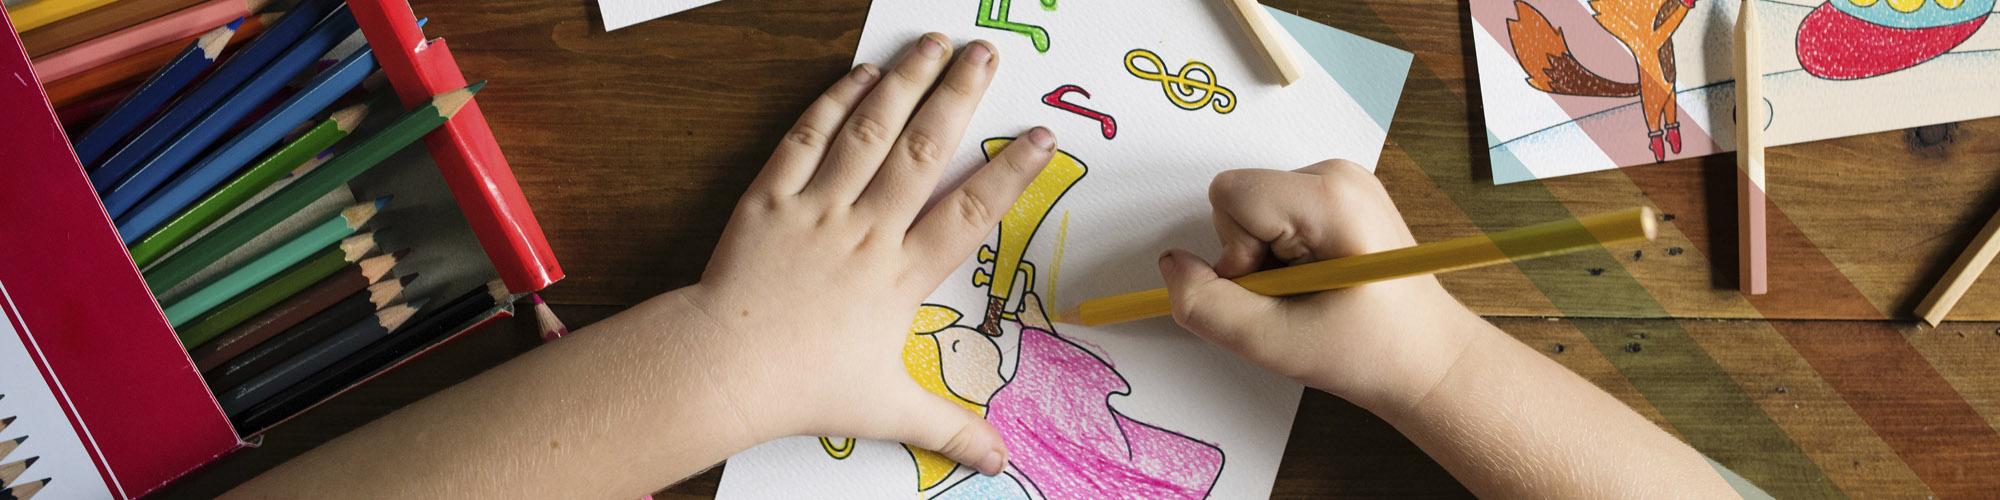 Kind malt eine Vorlage aus mit Sicht von oben